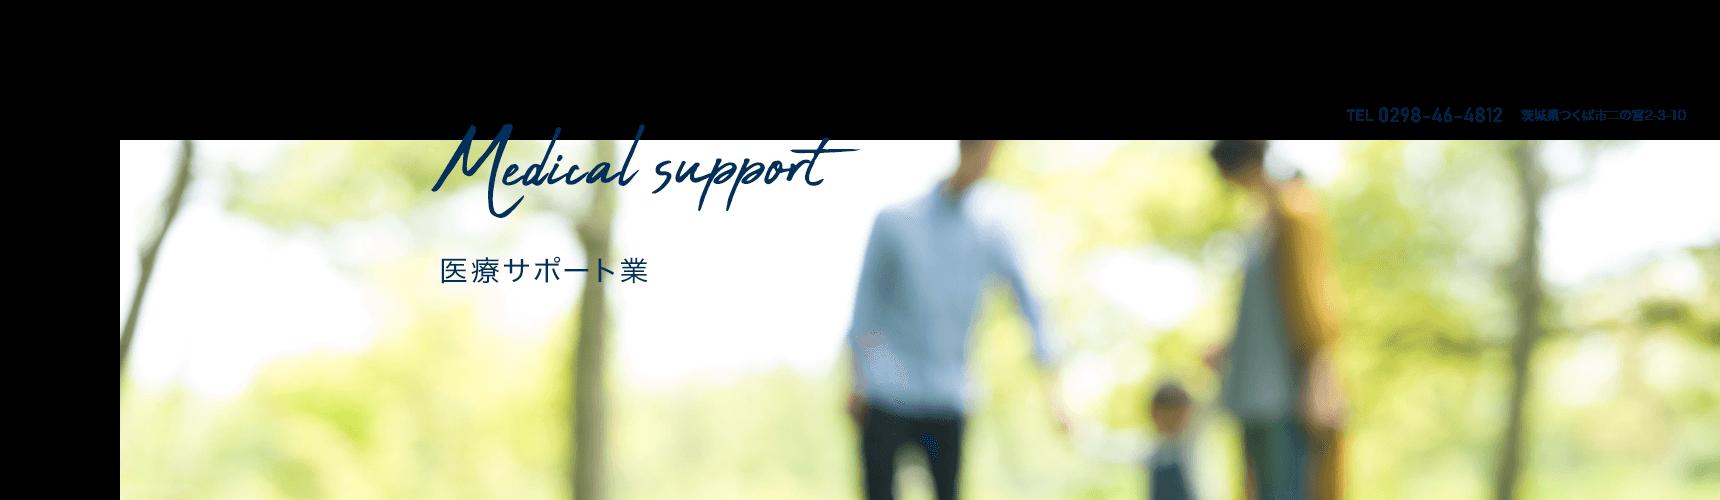 医療サポート業